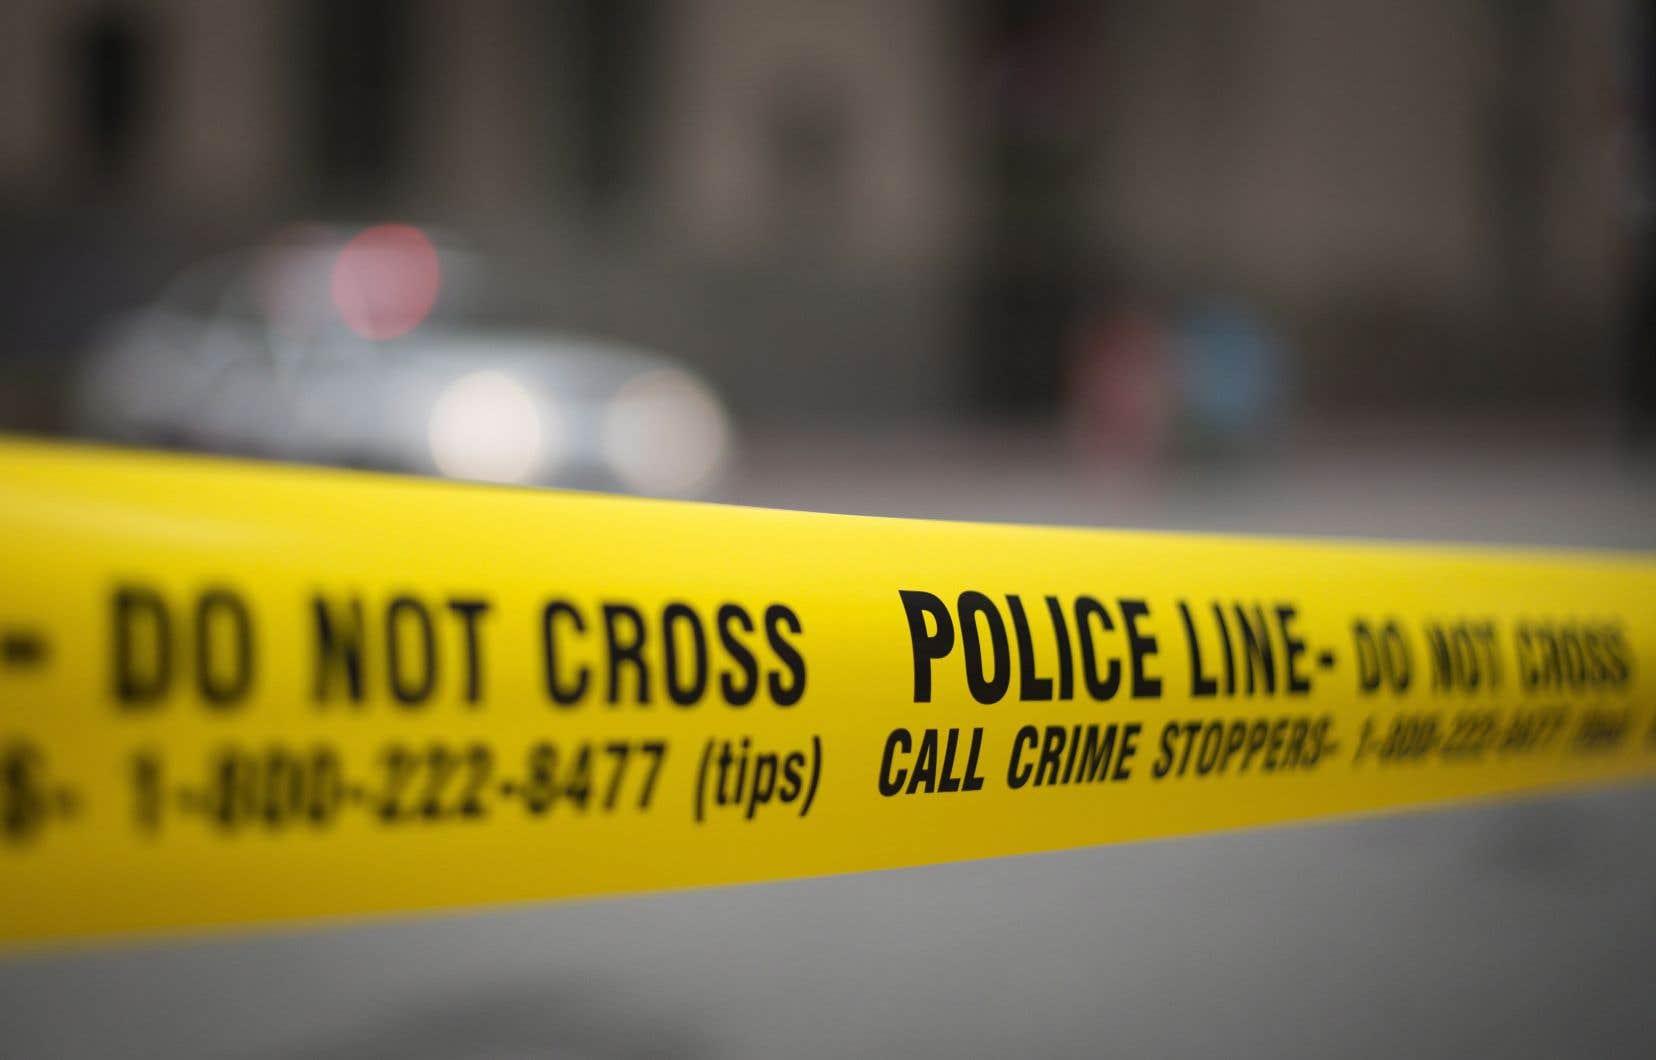 <p>La police a déclaré 651 homicides au Canada l'année dernière, 15 de moins que l'année précédente.</p>